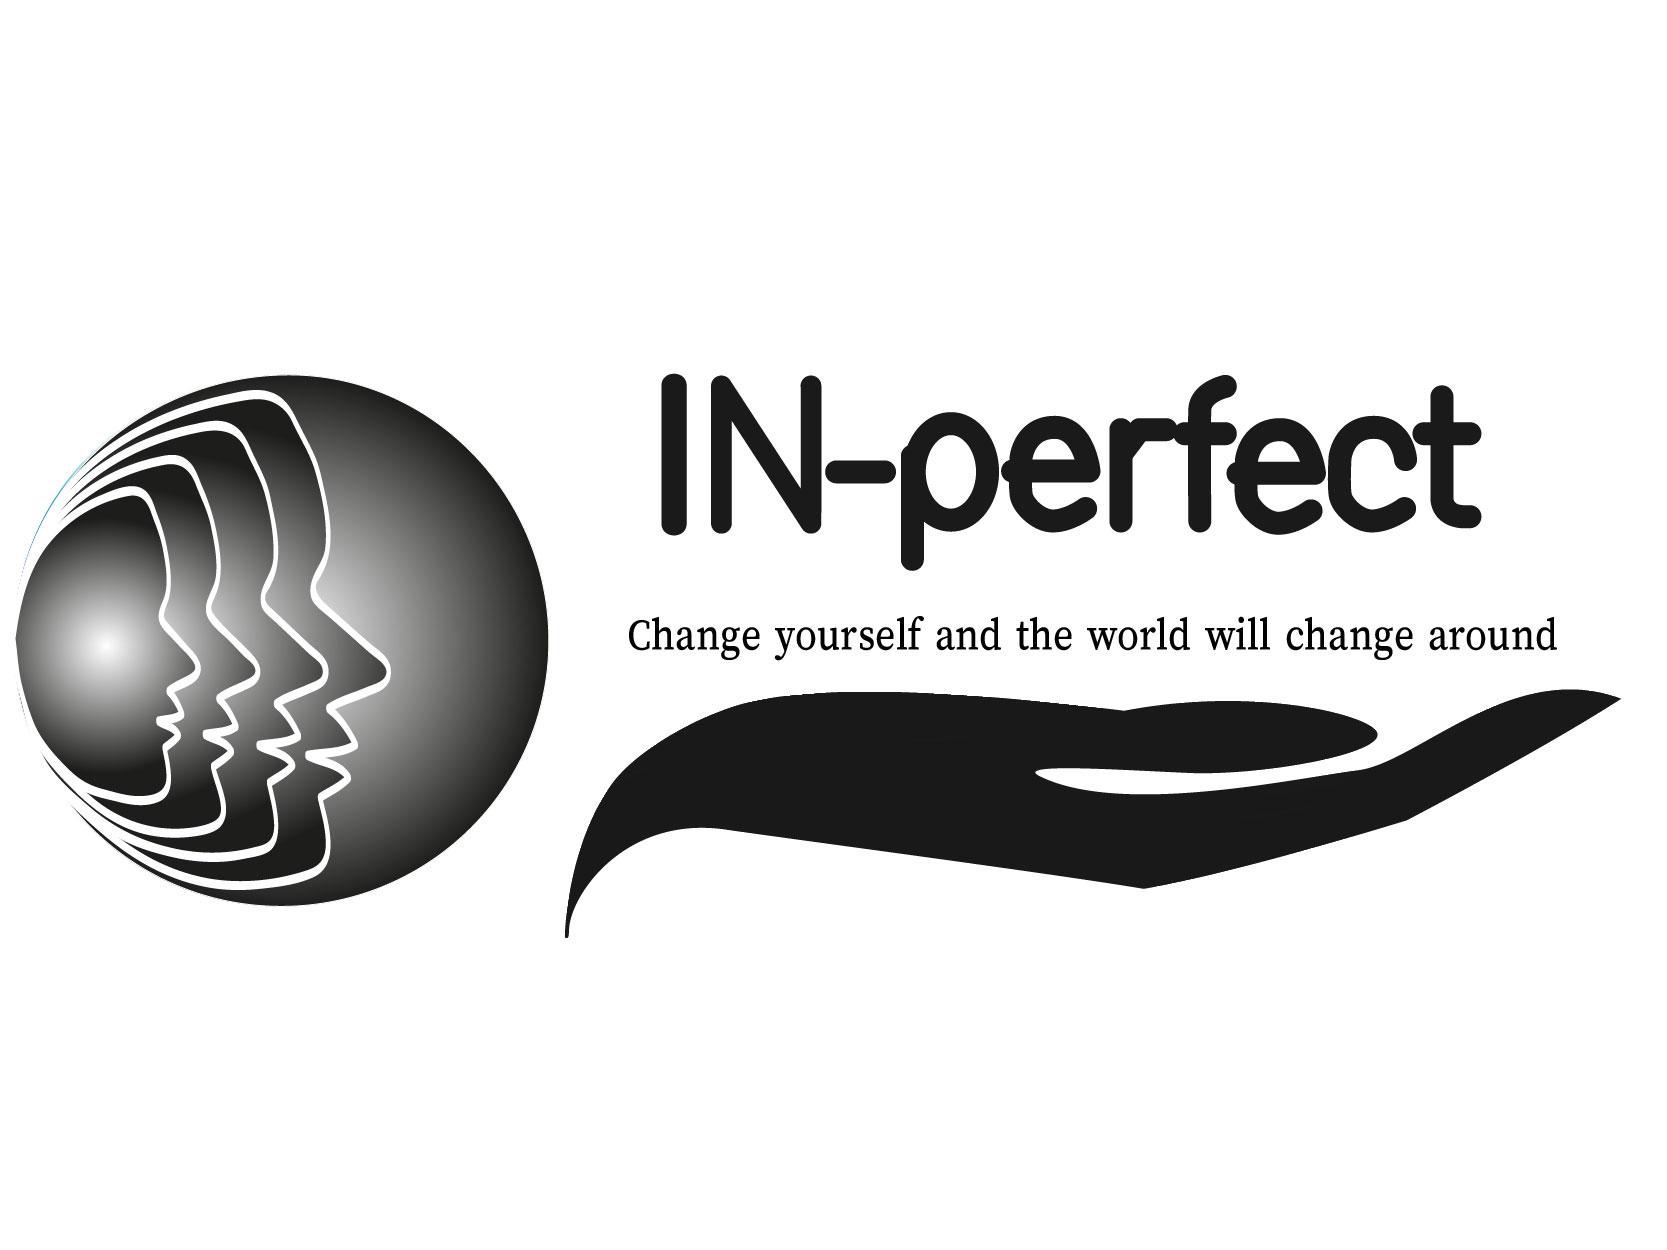 Необходимо доработать логотип In-perfect фото f_1155f257c45685b6.jpg